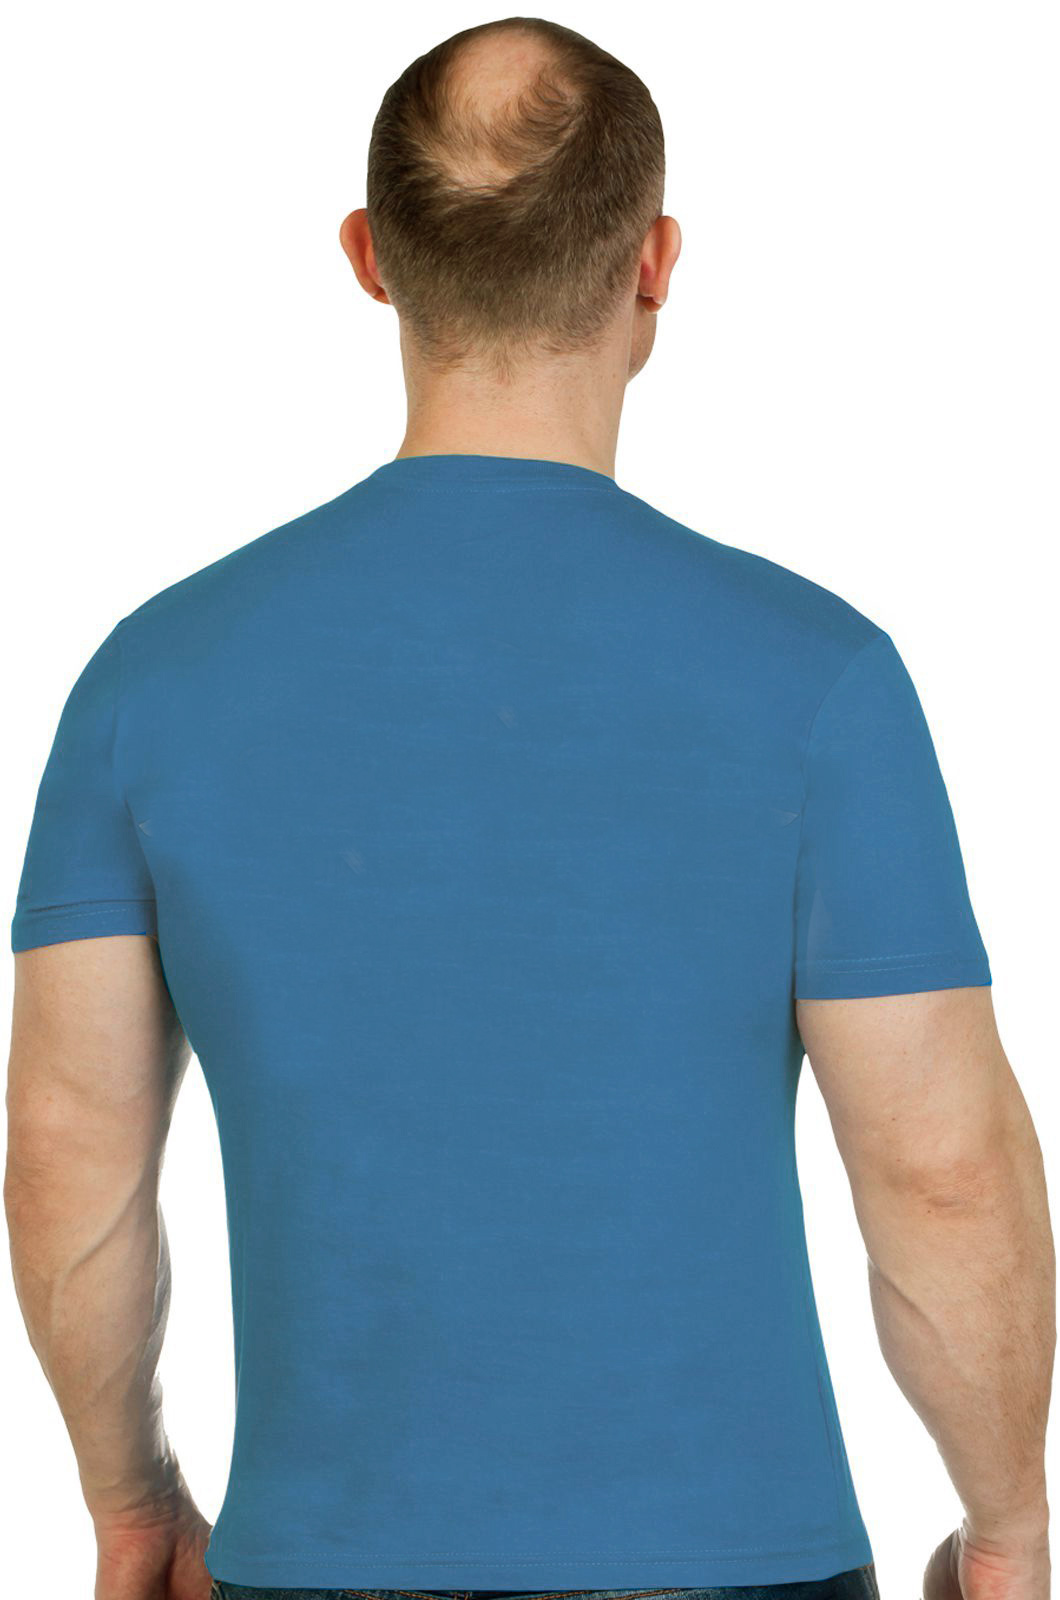 Строгая мужская футболка с вышивкой Уголовный Розыск - заказать с доставкой